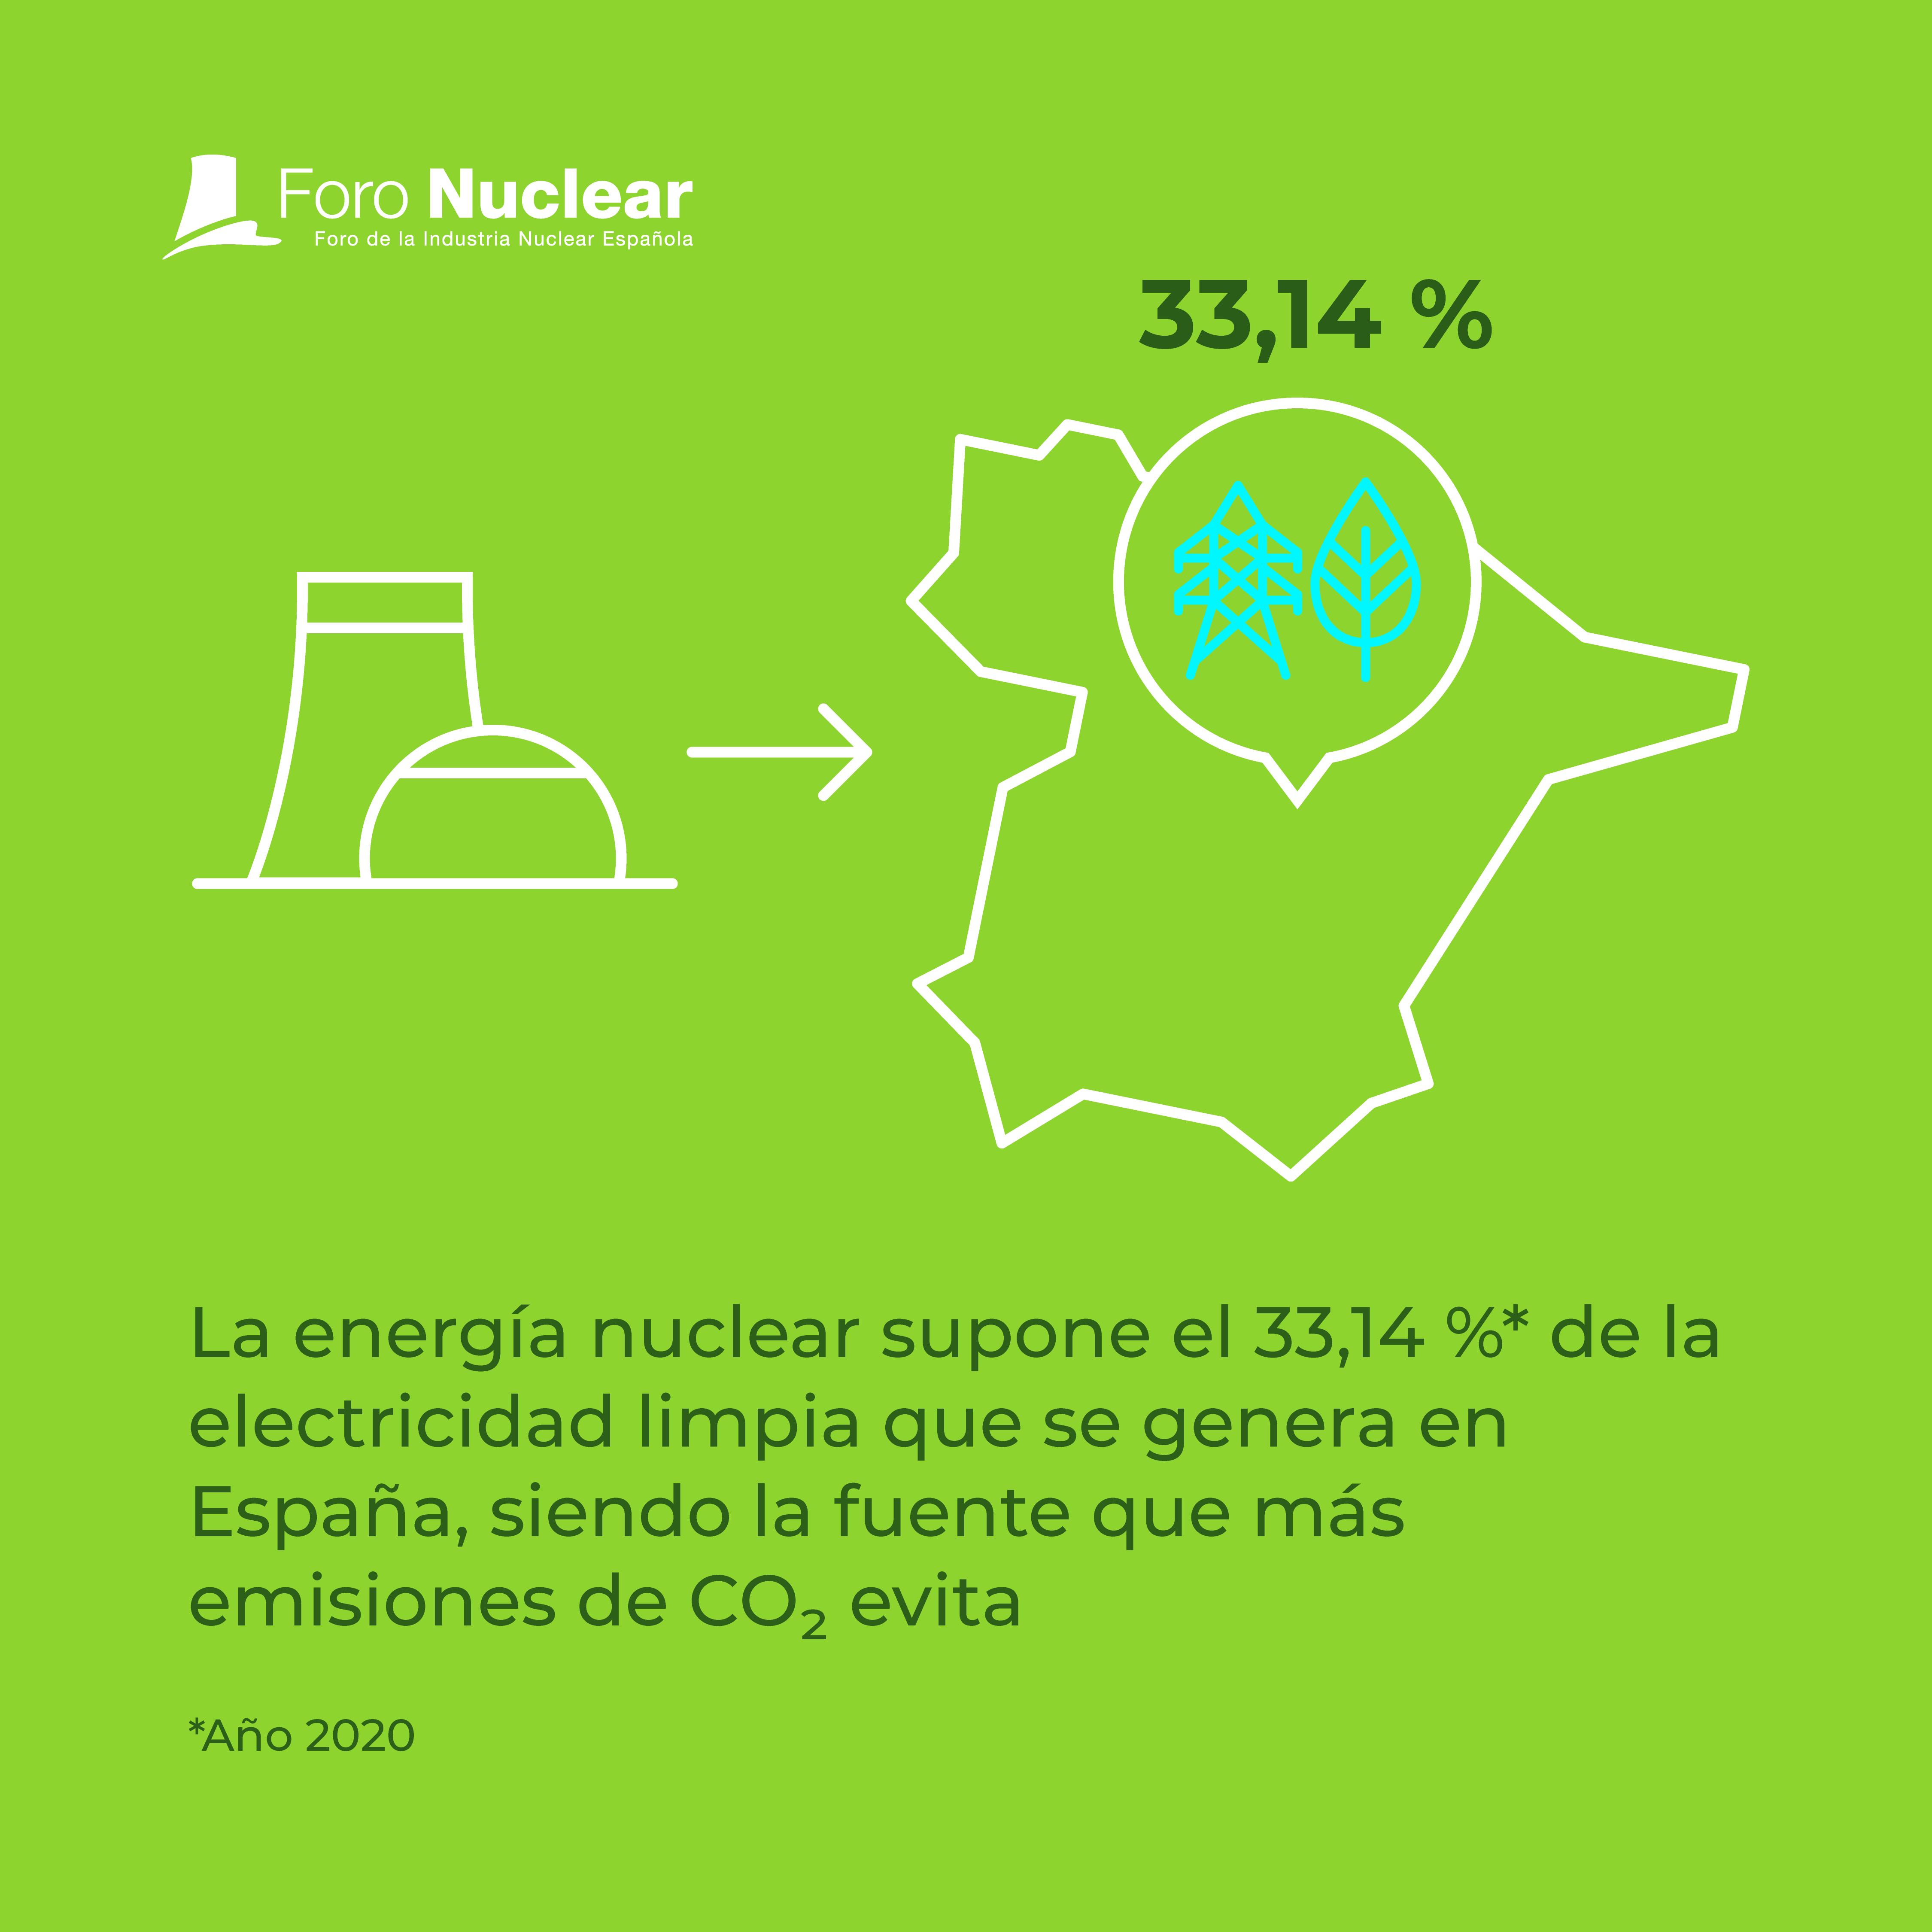 La energía nuclear, electricidad limpia